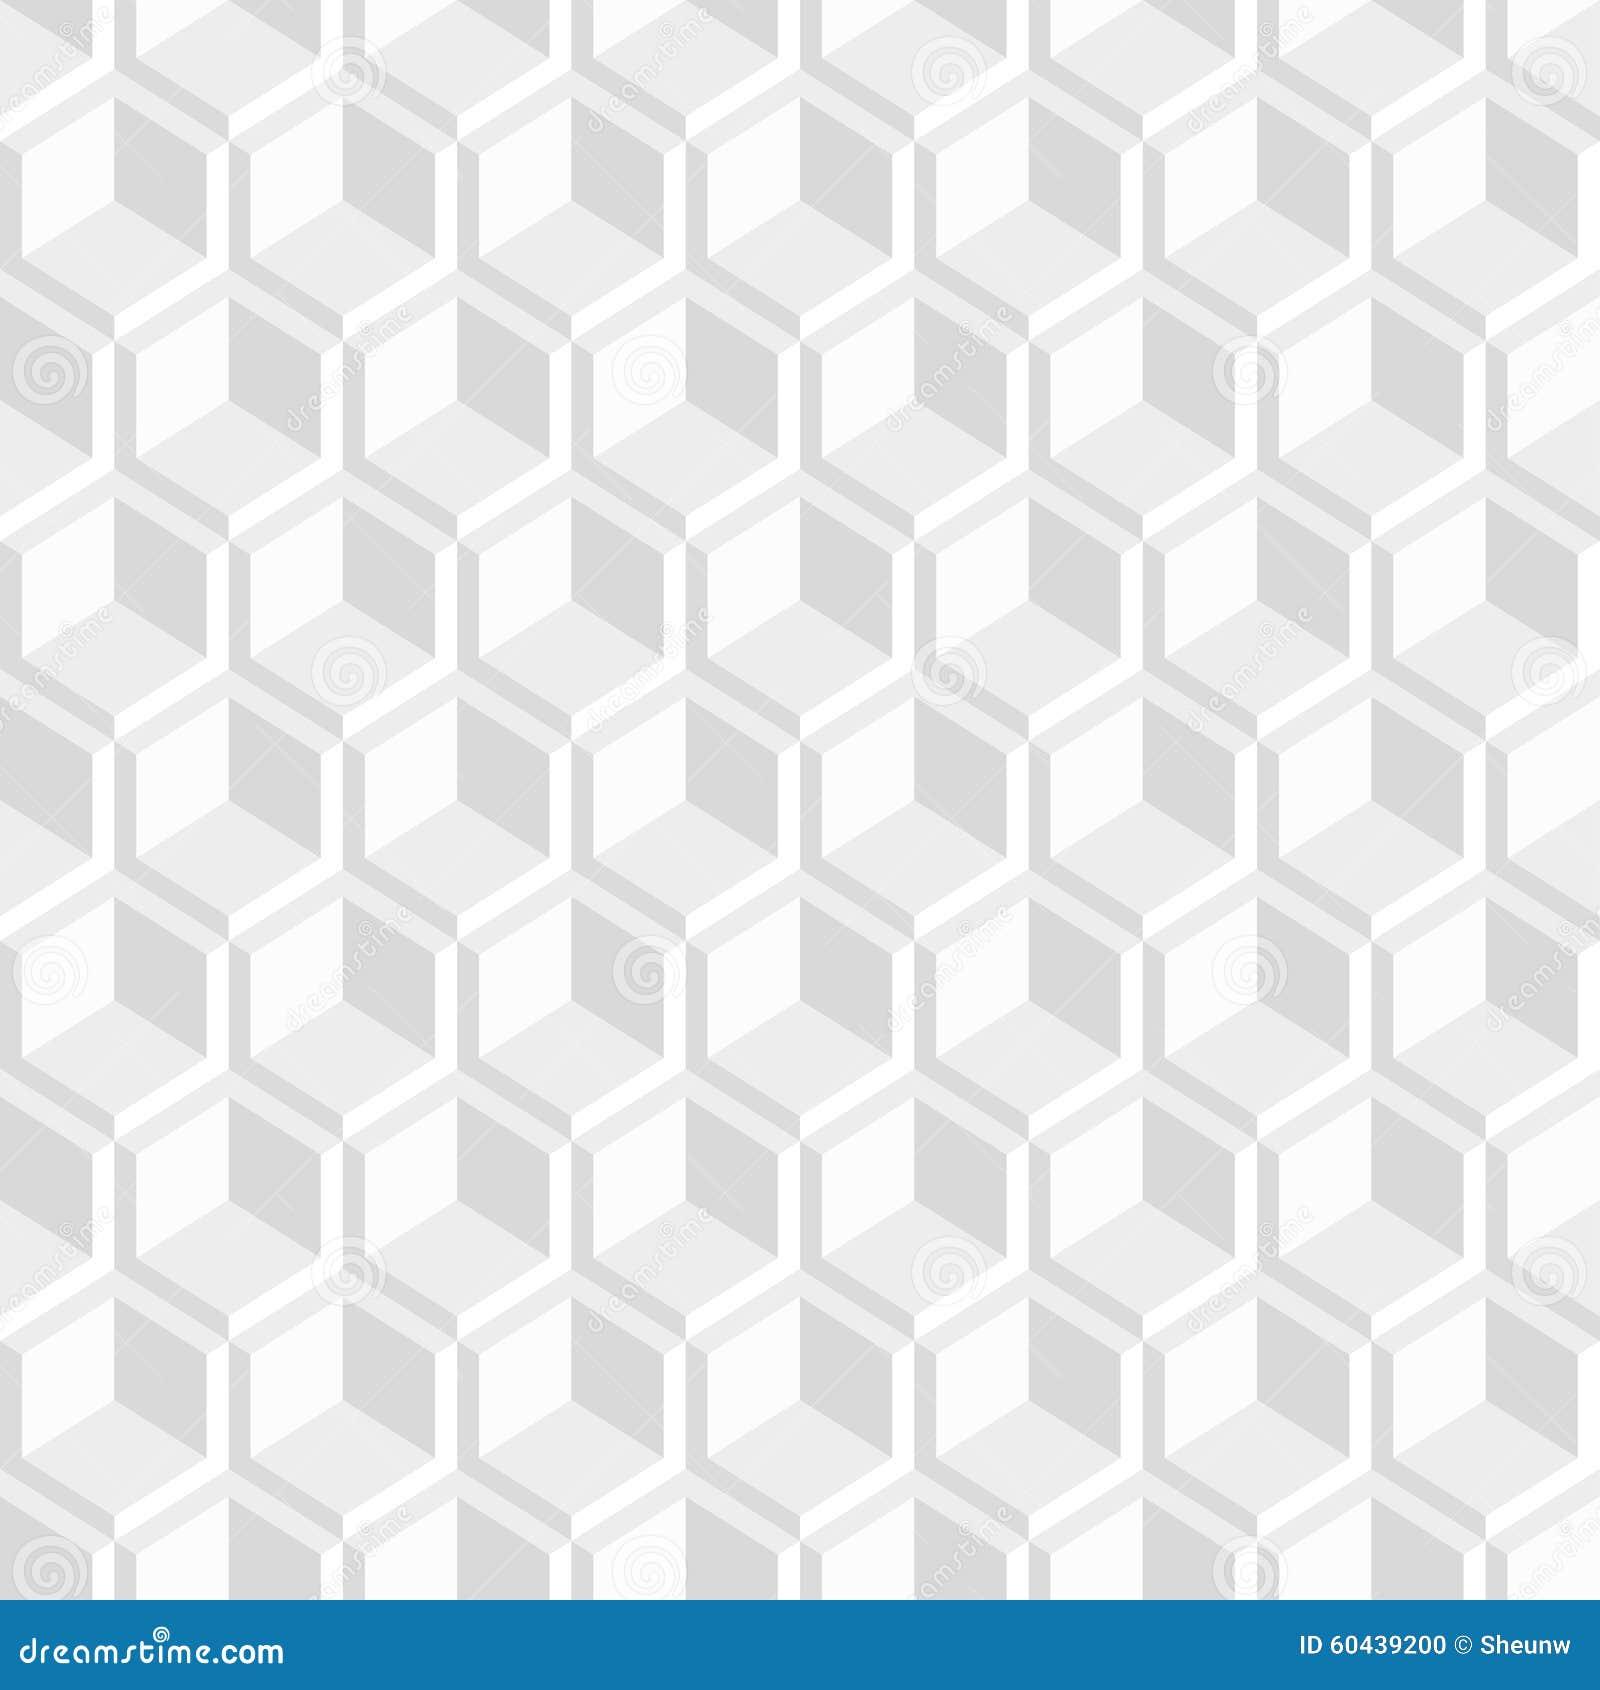 White Decorative 3d Texture